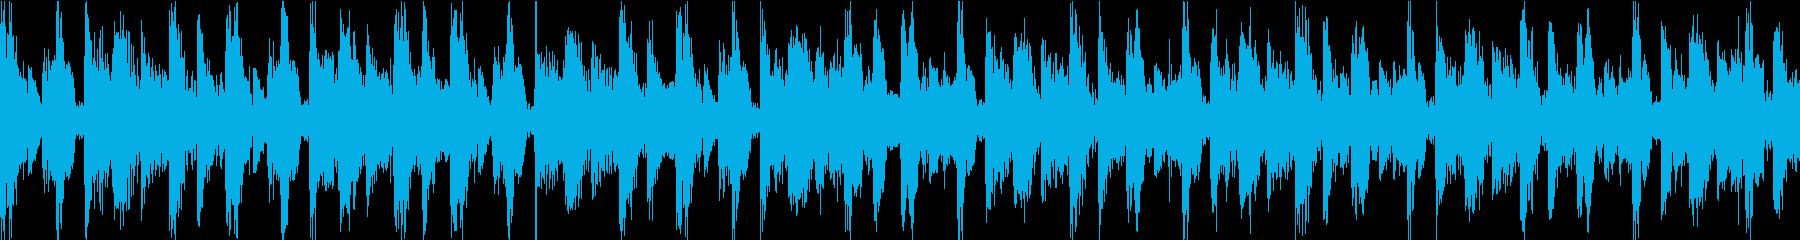 ニュース ドキュメント ループの再生済みの波形